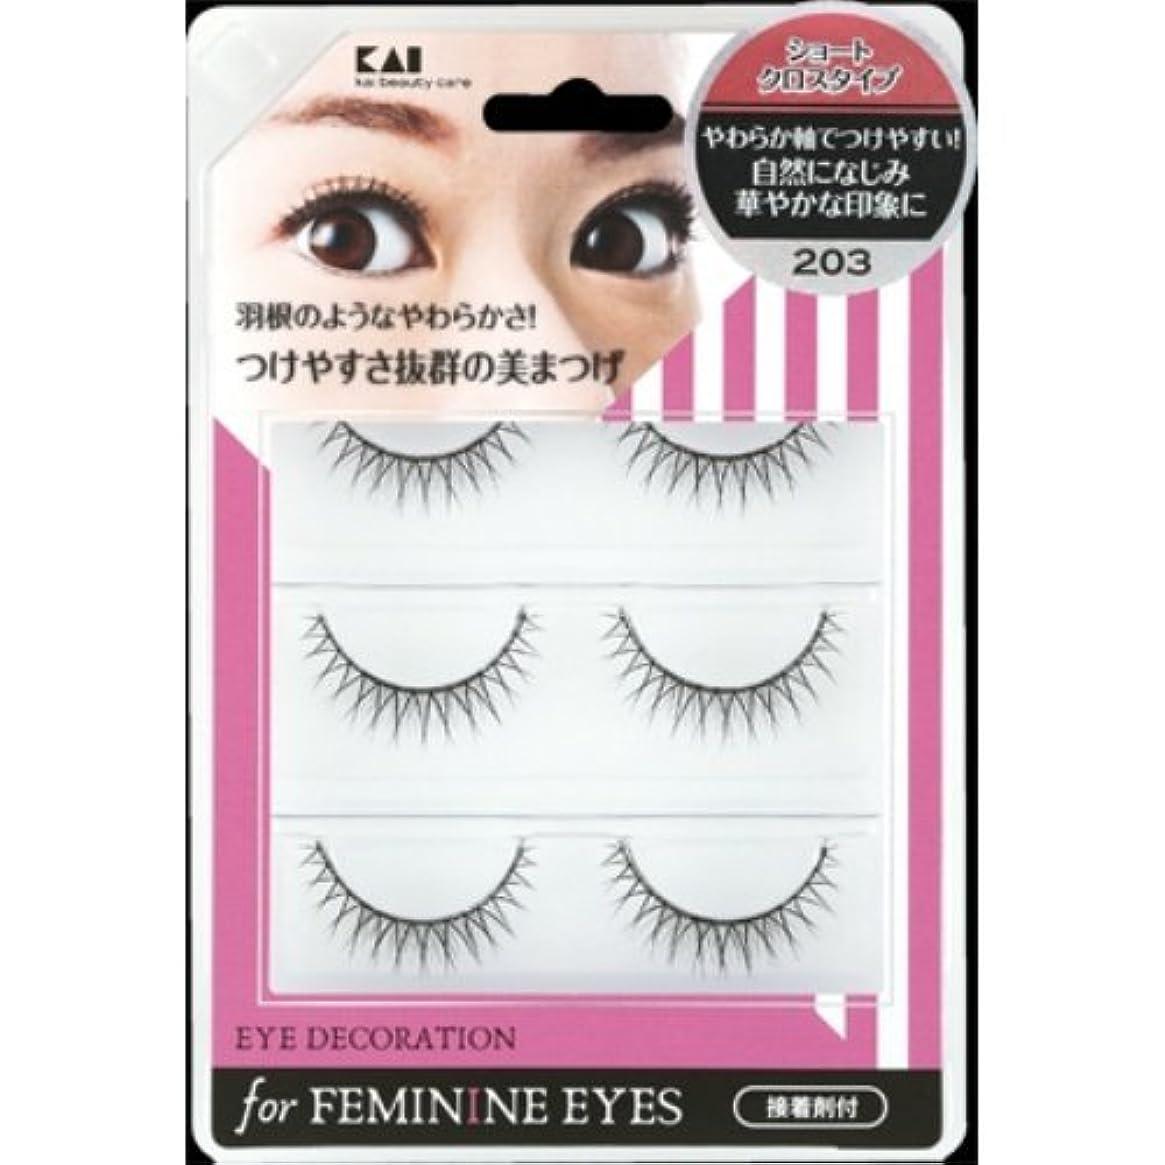 プレビスサイト切り離す検索貝印 アイデコレーション for feminine eyes 203 HC1560